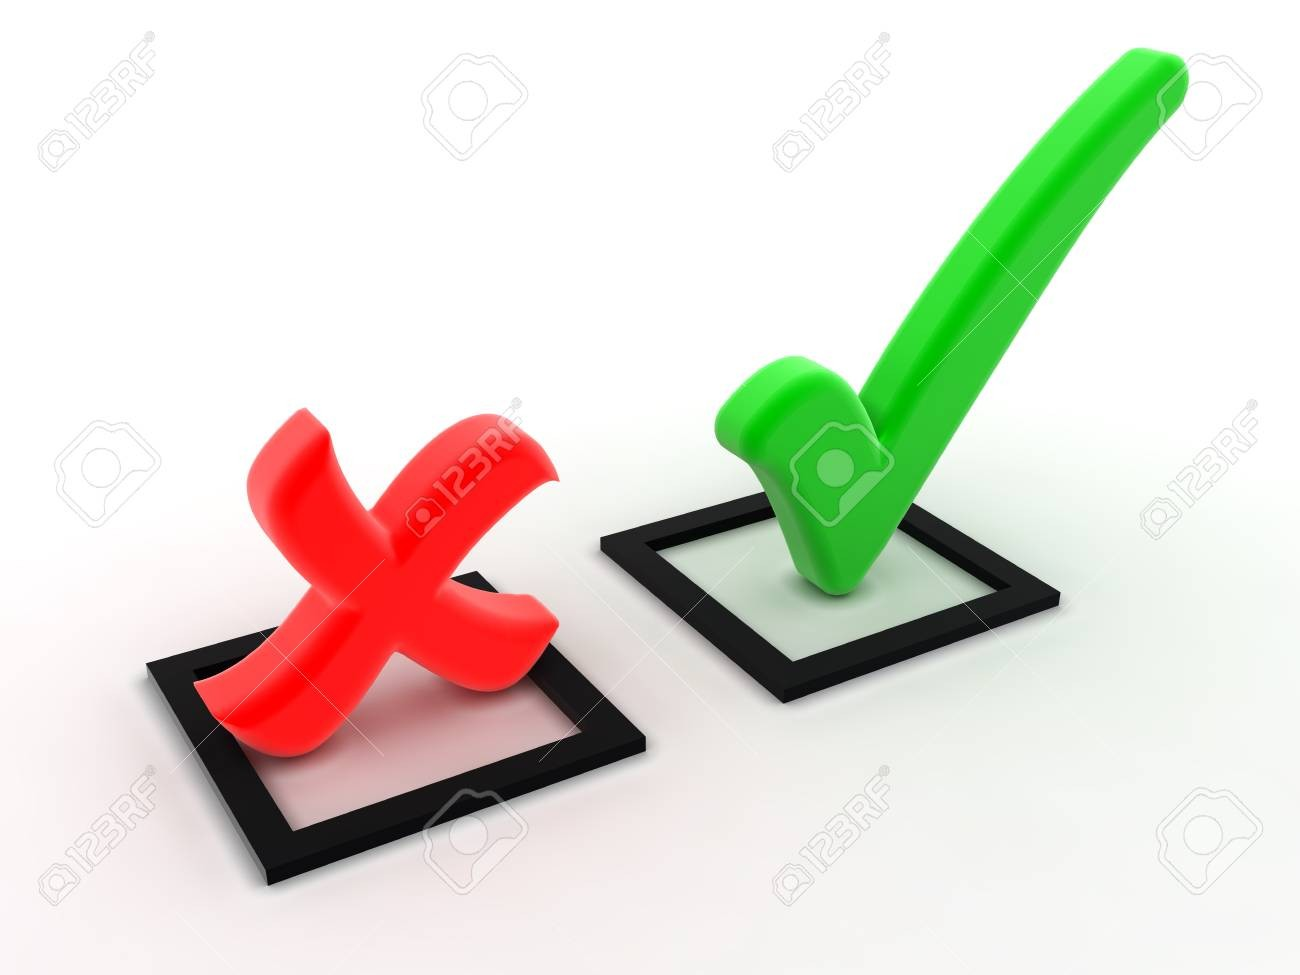 Vrai ou faux - Questions fourre-tout (2)